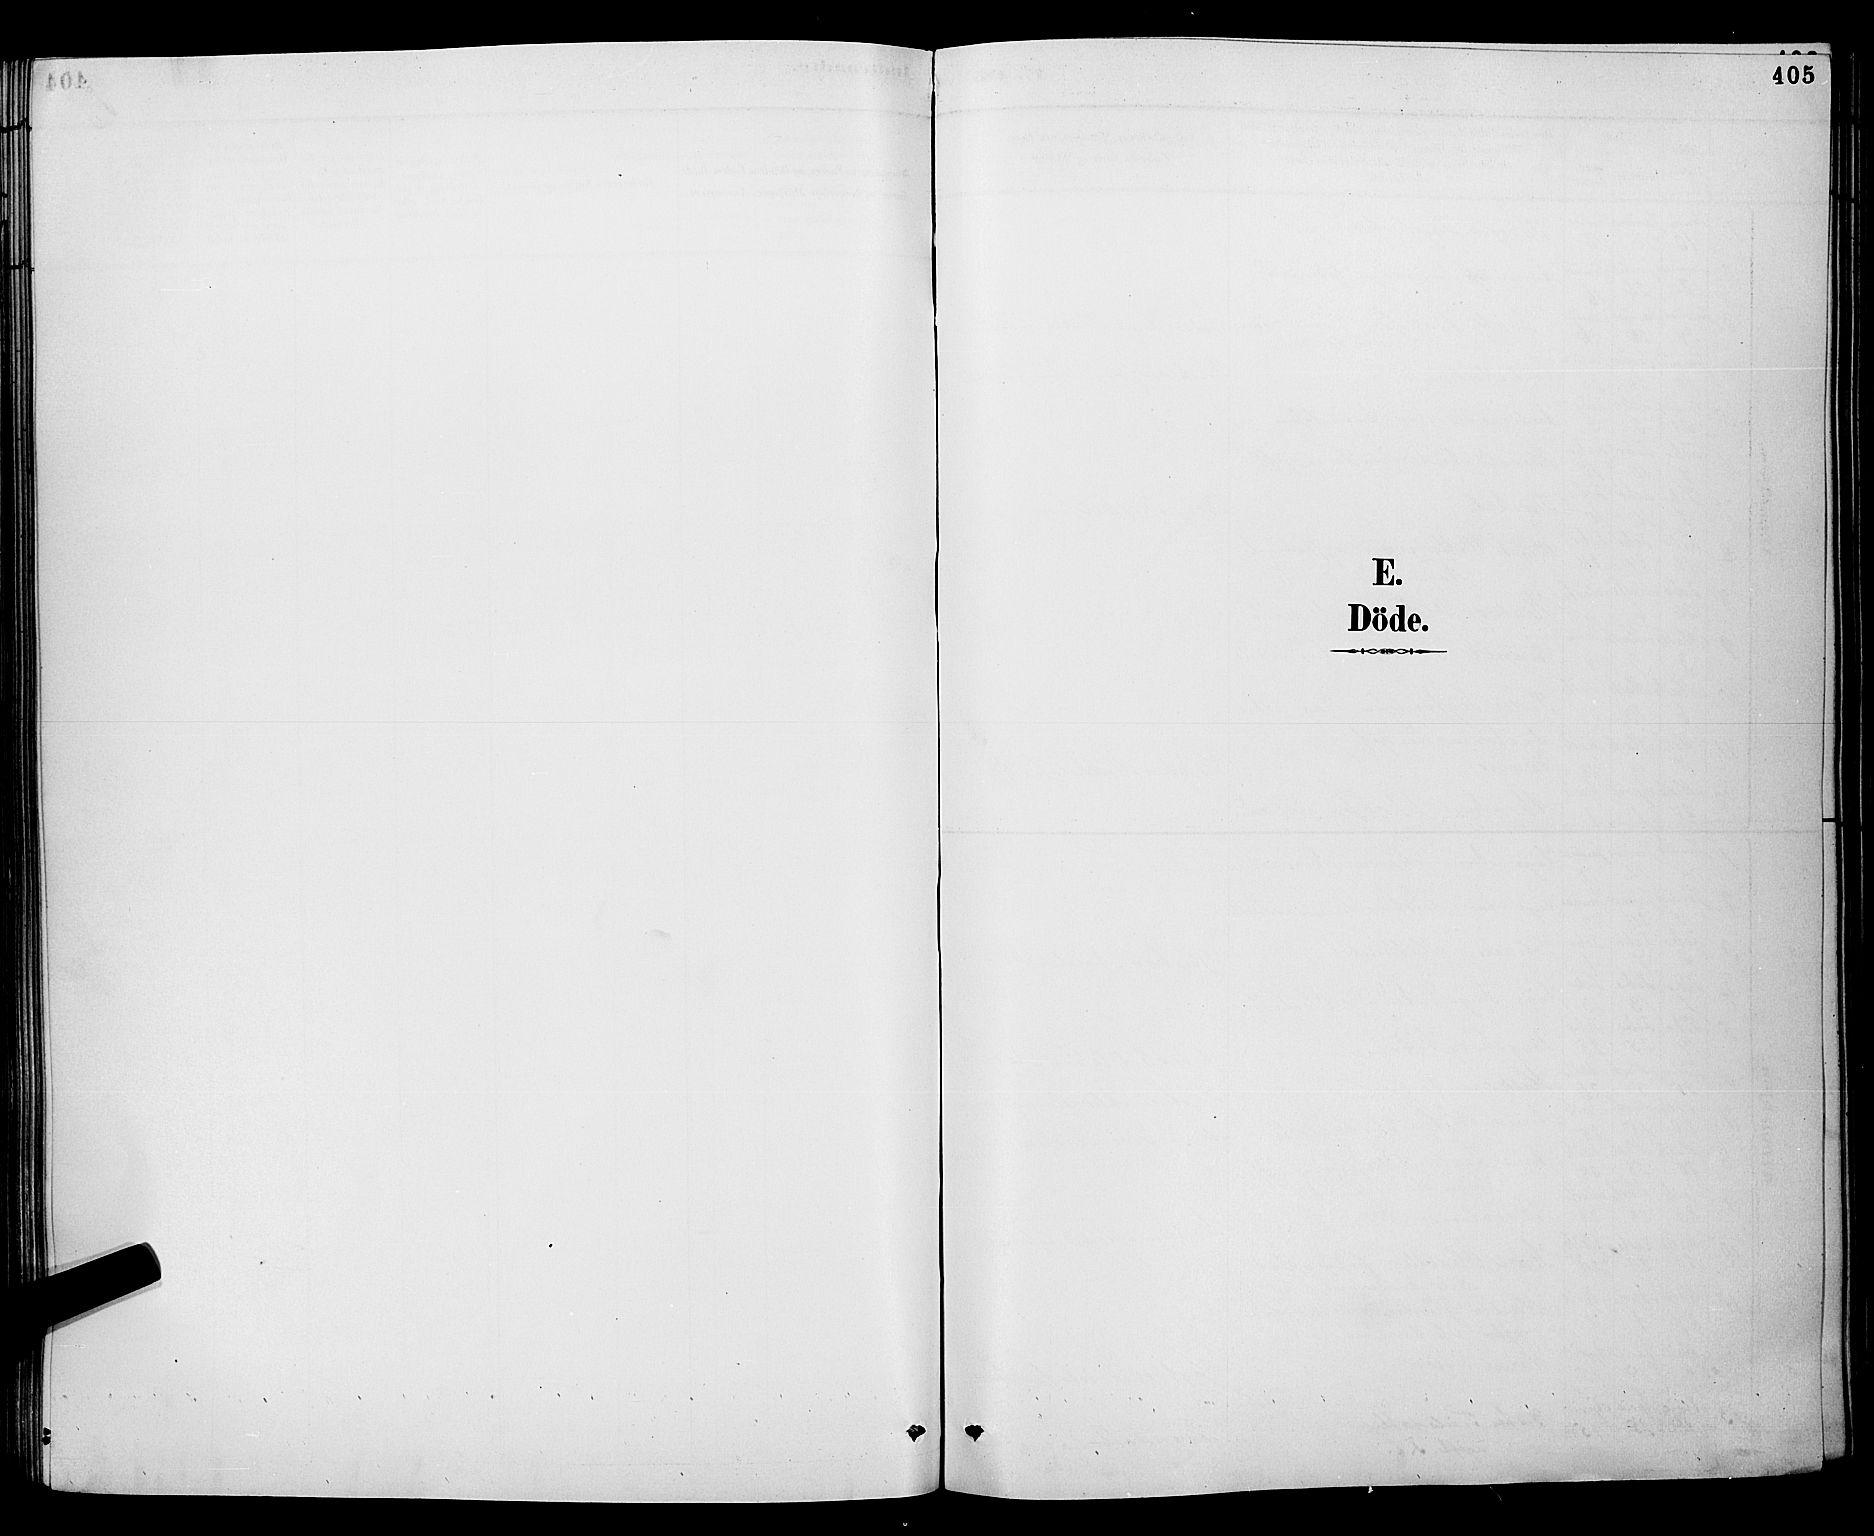 SAKO, Gjerpen kirkebøker, G/Ga/L0002: Klokkerbok nr. I 2, 1883-1900, s. 405